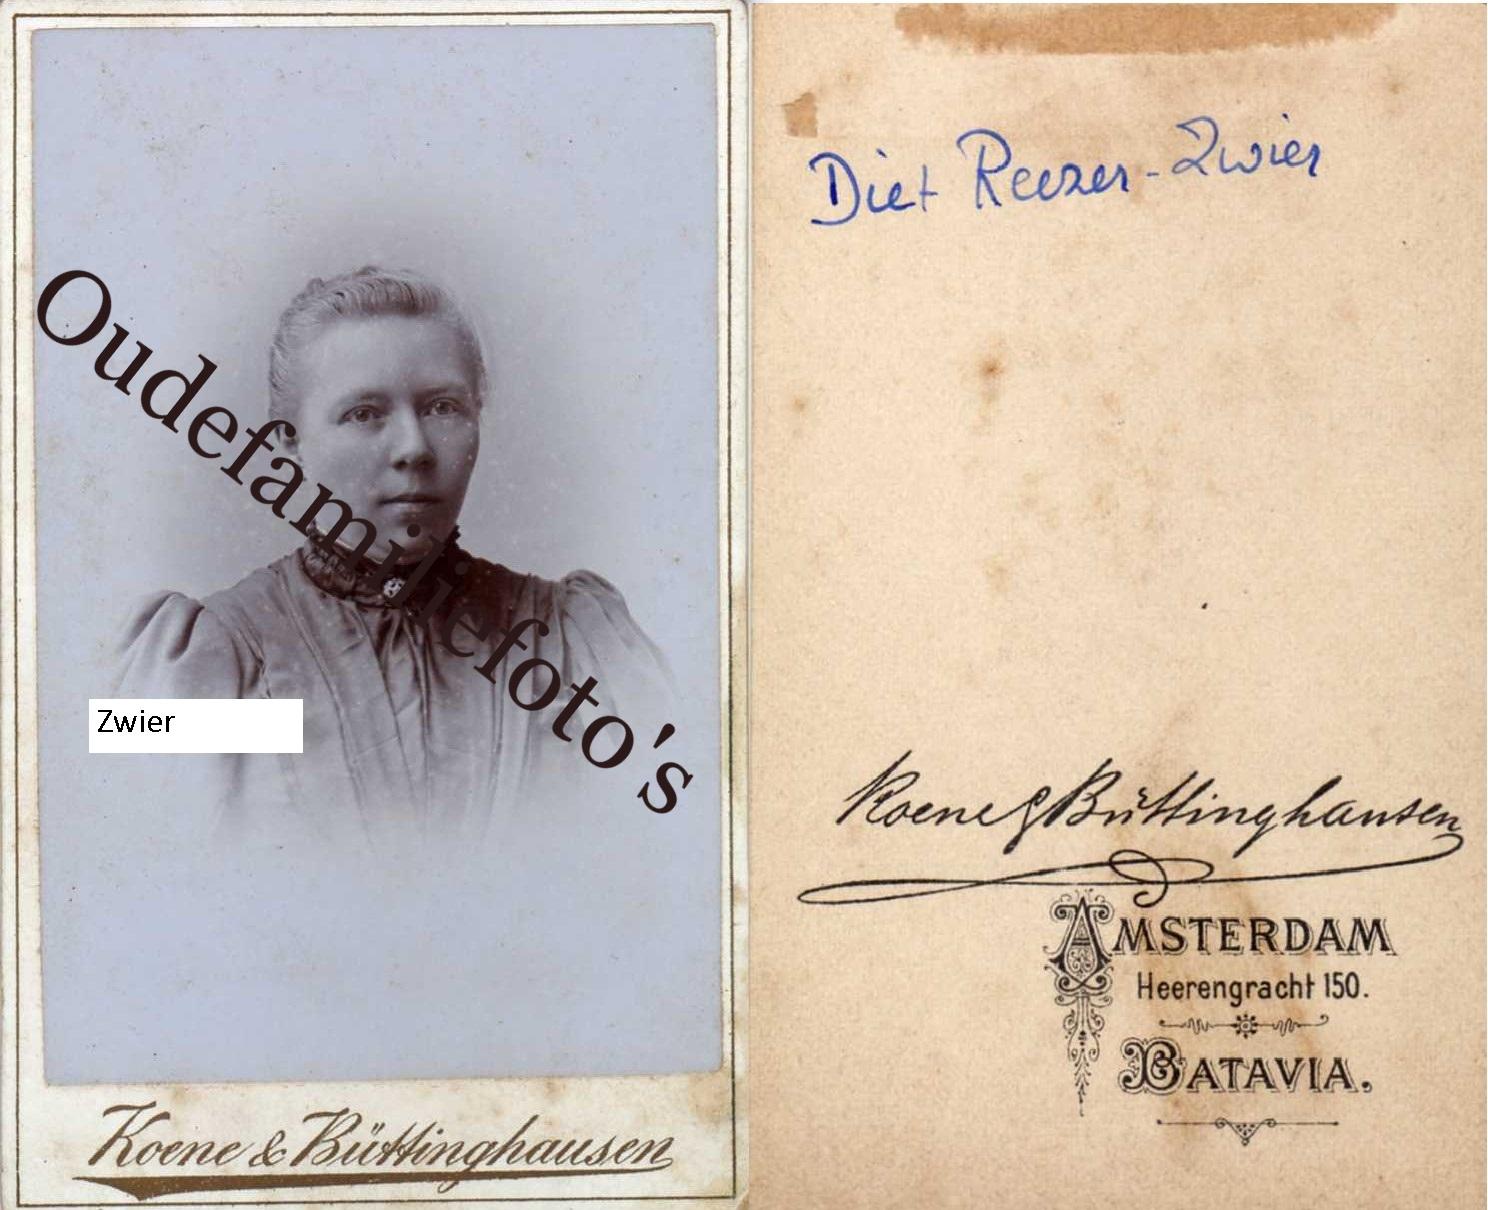 Zwier, Diderika Hermina. Geb. 19-12-1852 Amersfoort. Ovl. 6-1-1905 Amersfoort. Getrouwd met Leendert Reeser. € 3,00